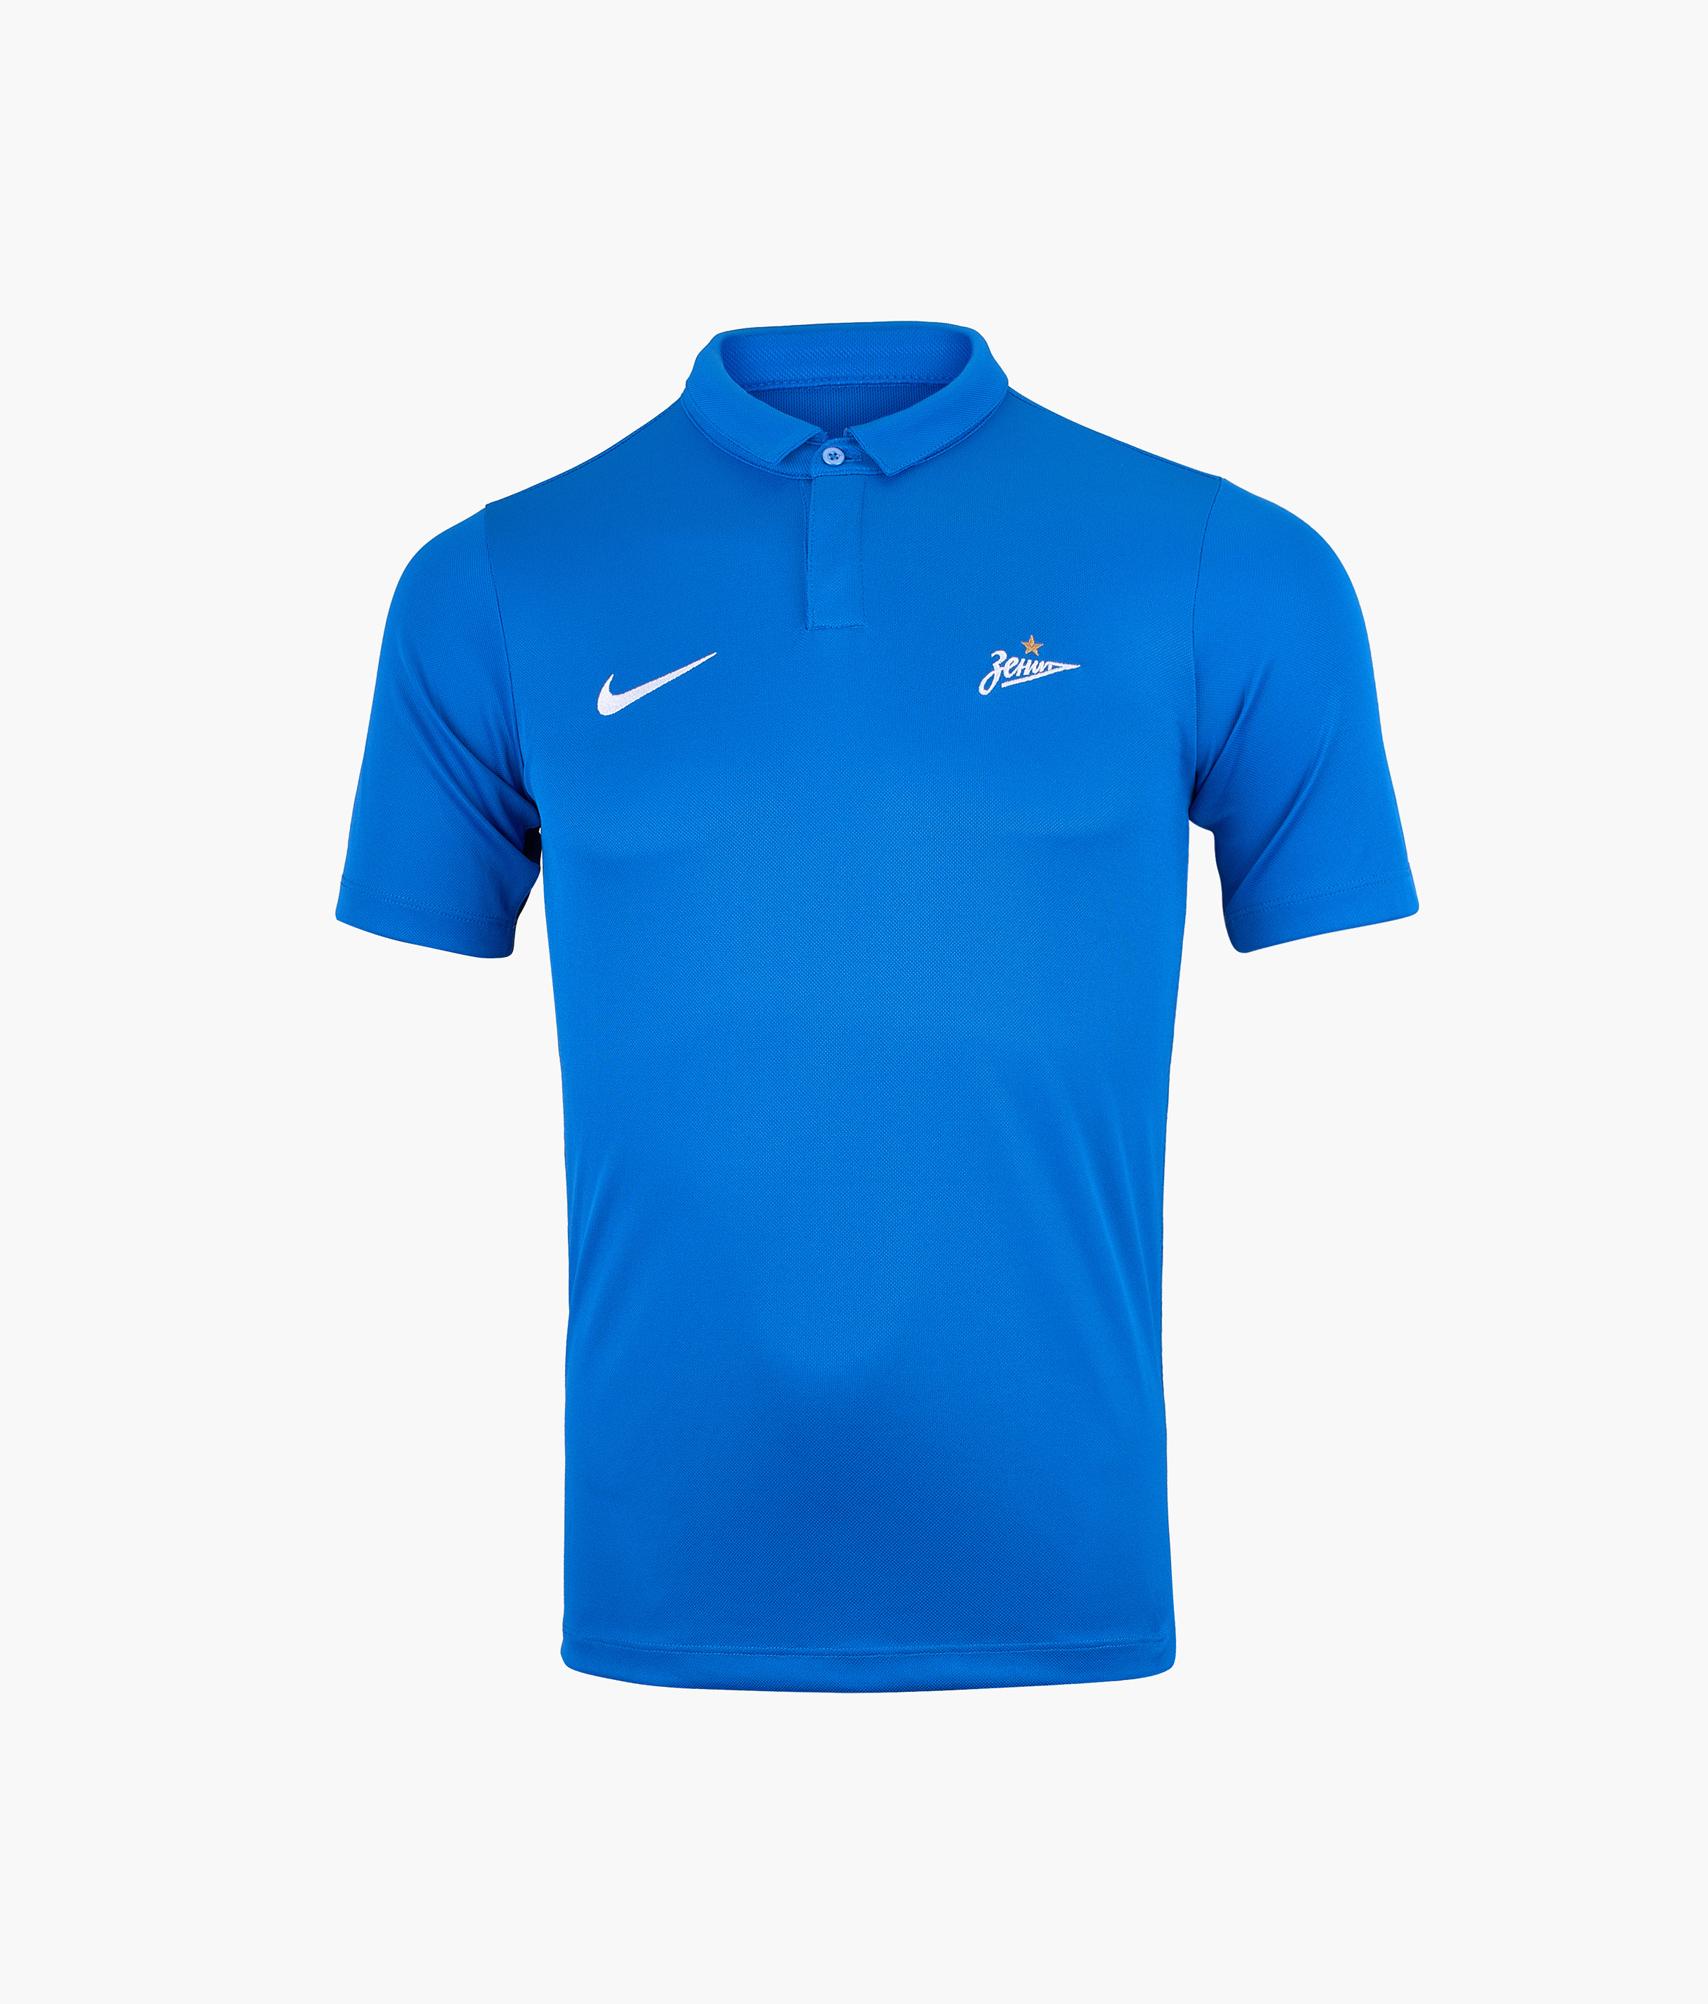 Поло подростковое Nike Nike Цвет-Синий цена 2017